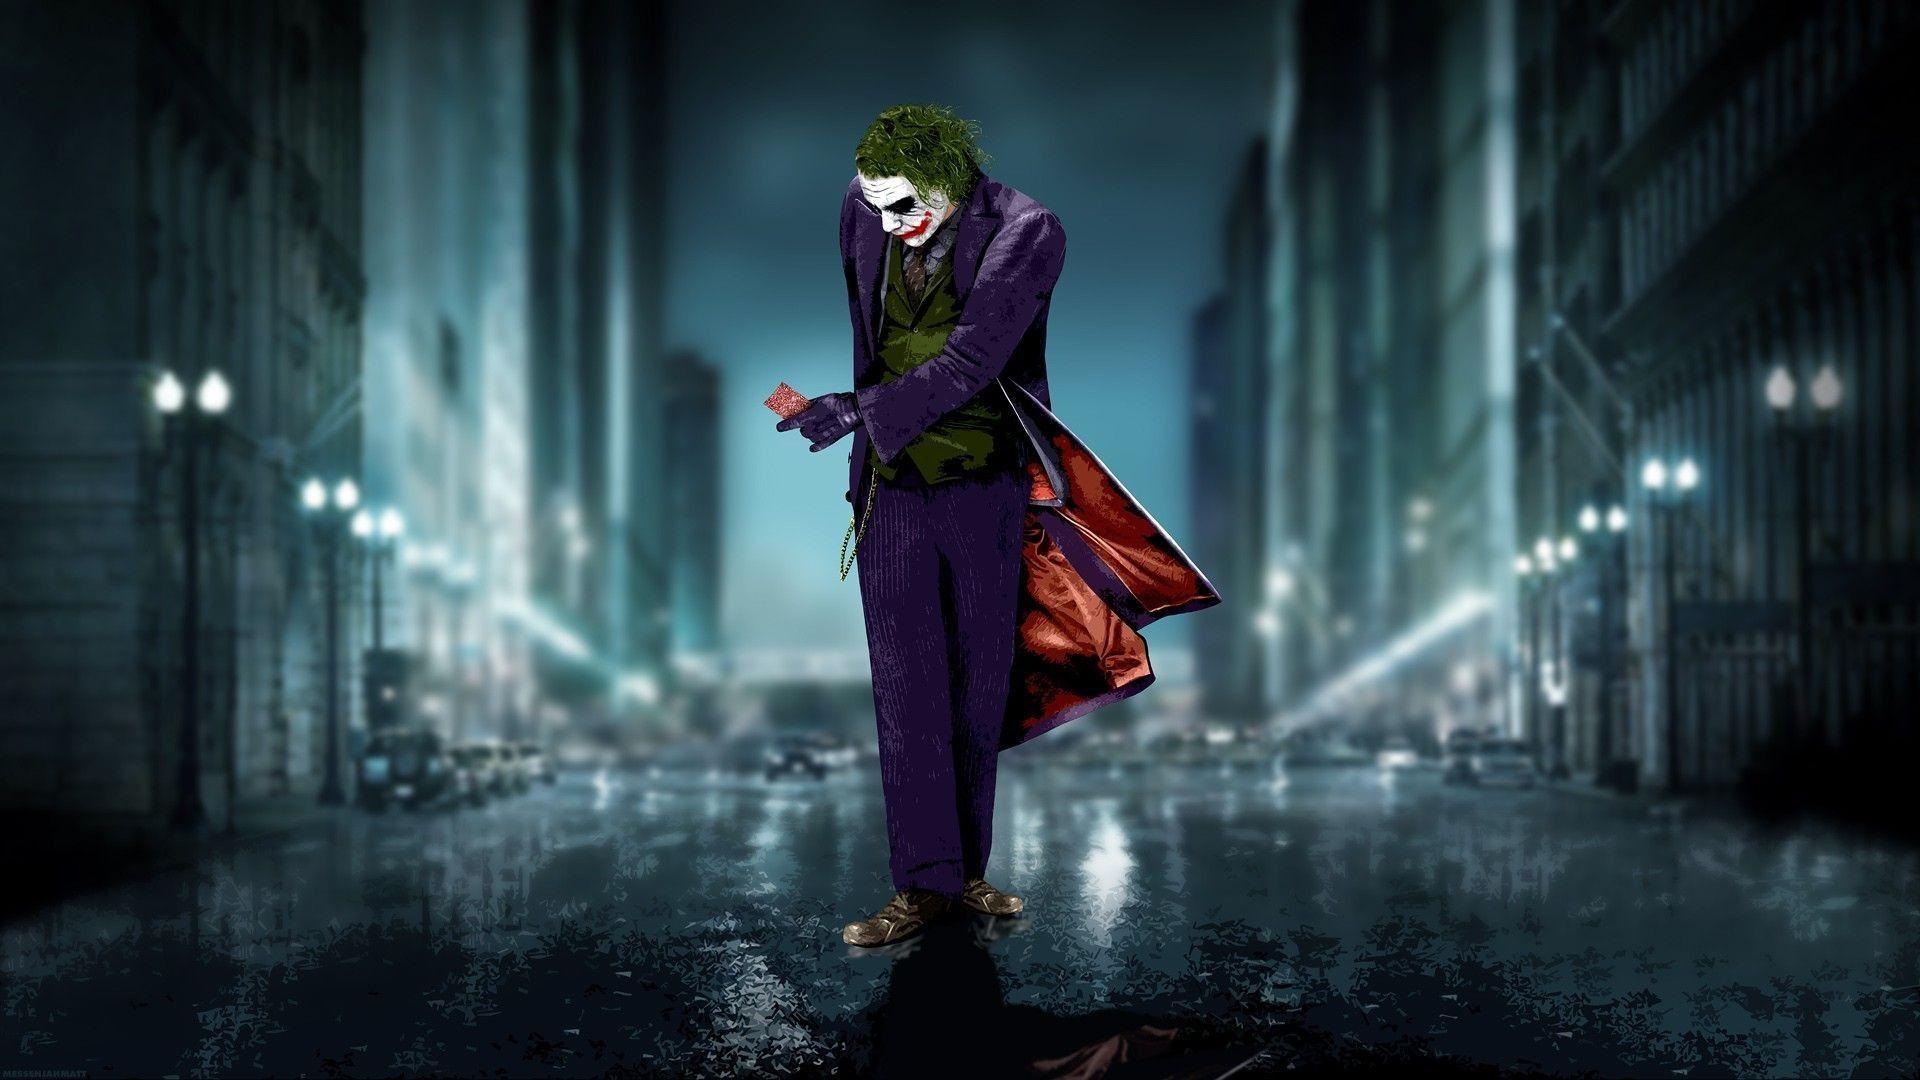 1920x1080 Wallpaper Joker Batman Dark Knight Broken Heart Wallpaper With Heath Ledger Joker Wallpapers Hd Wallp Joker Background Joker Images Joker Wallpapers